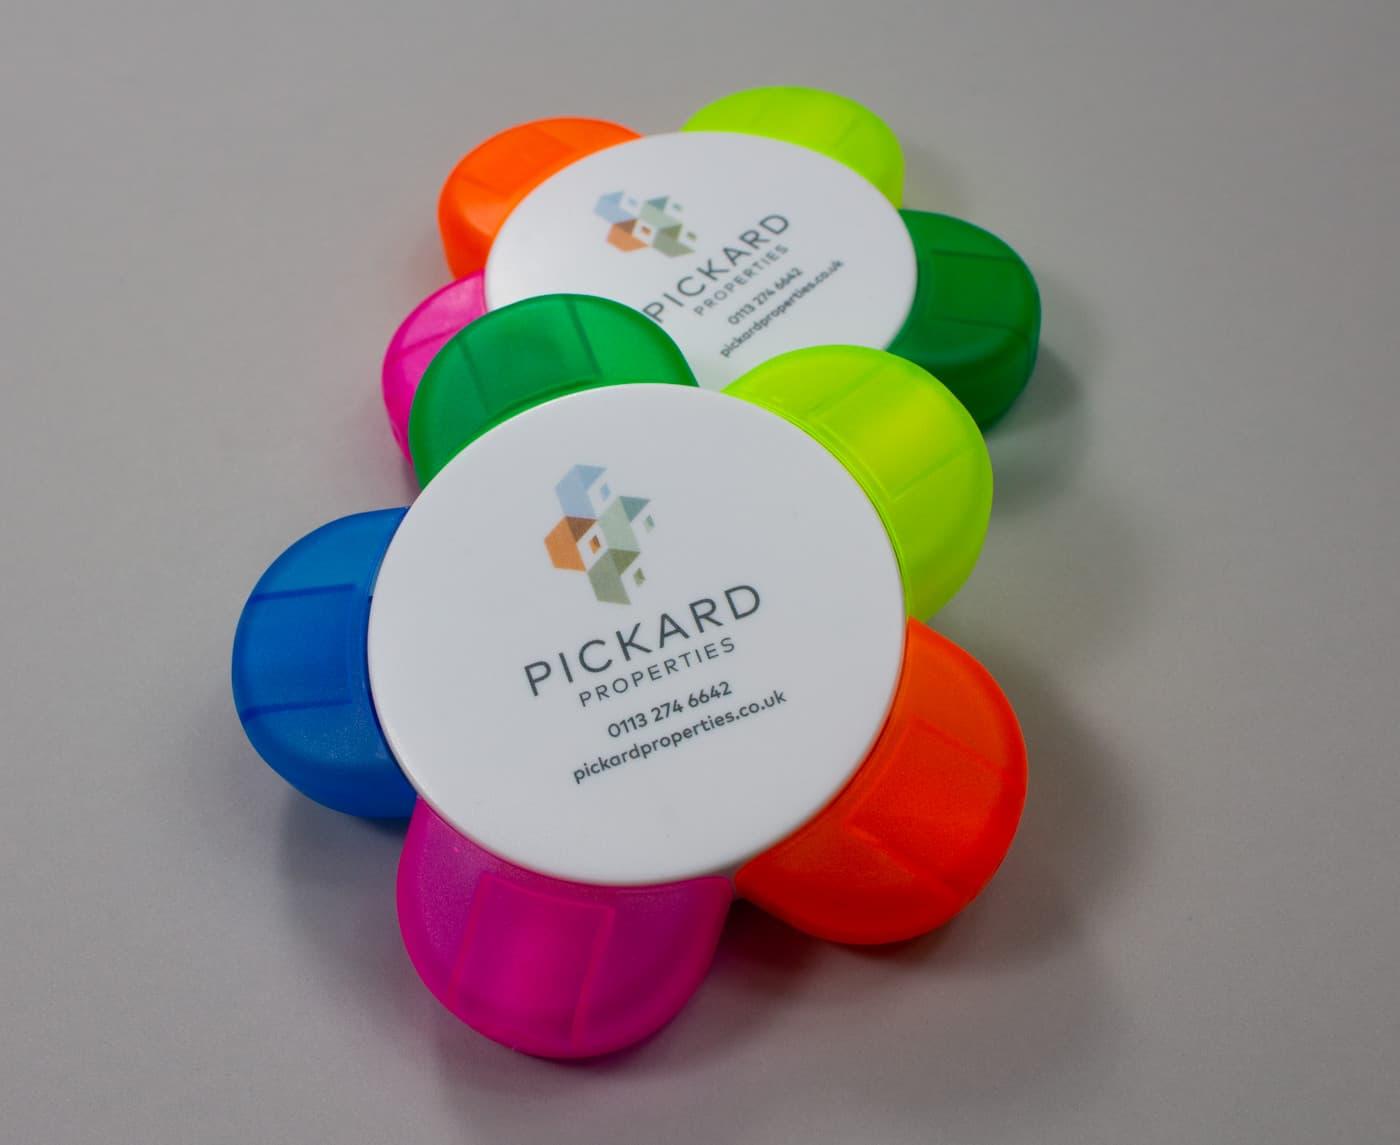 Highlighter Printing - Pickard Properties-5